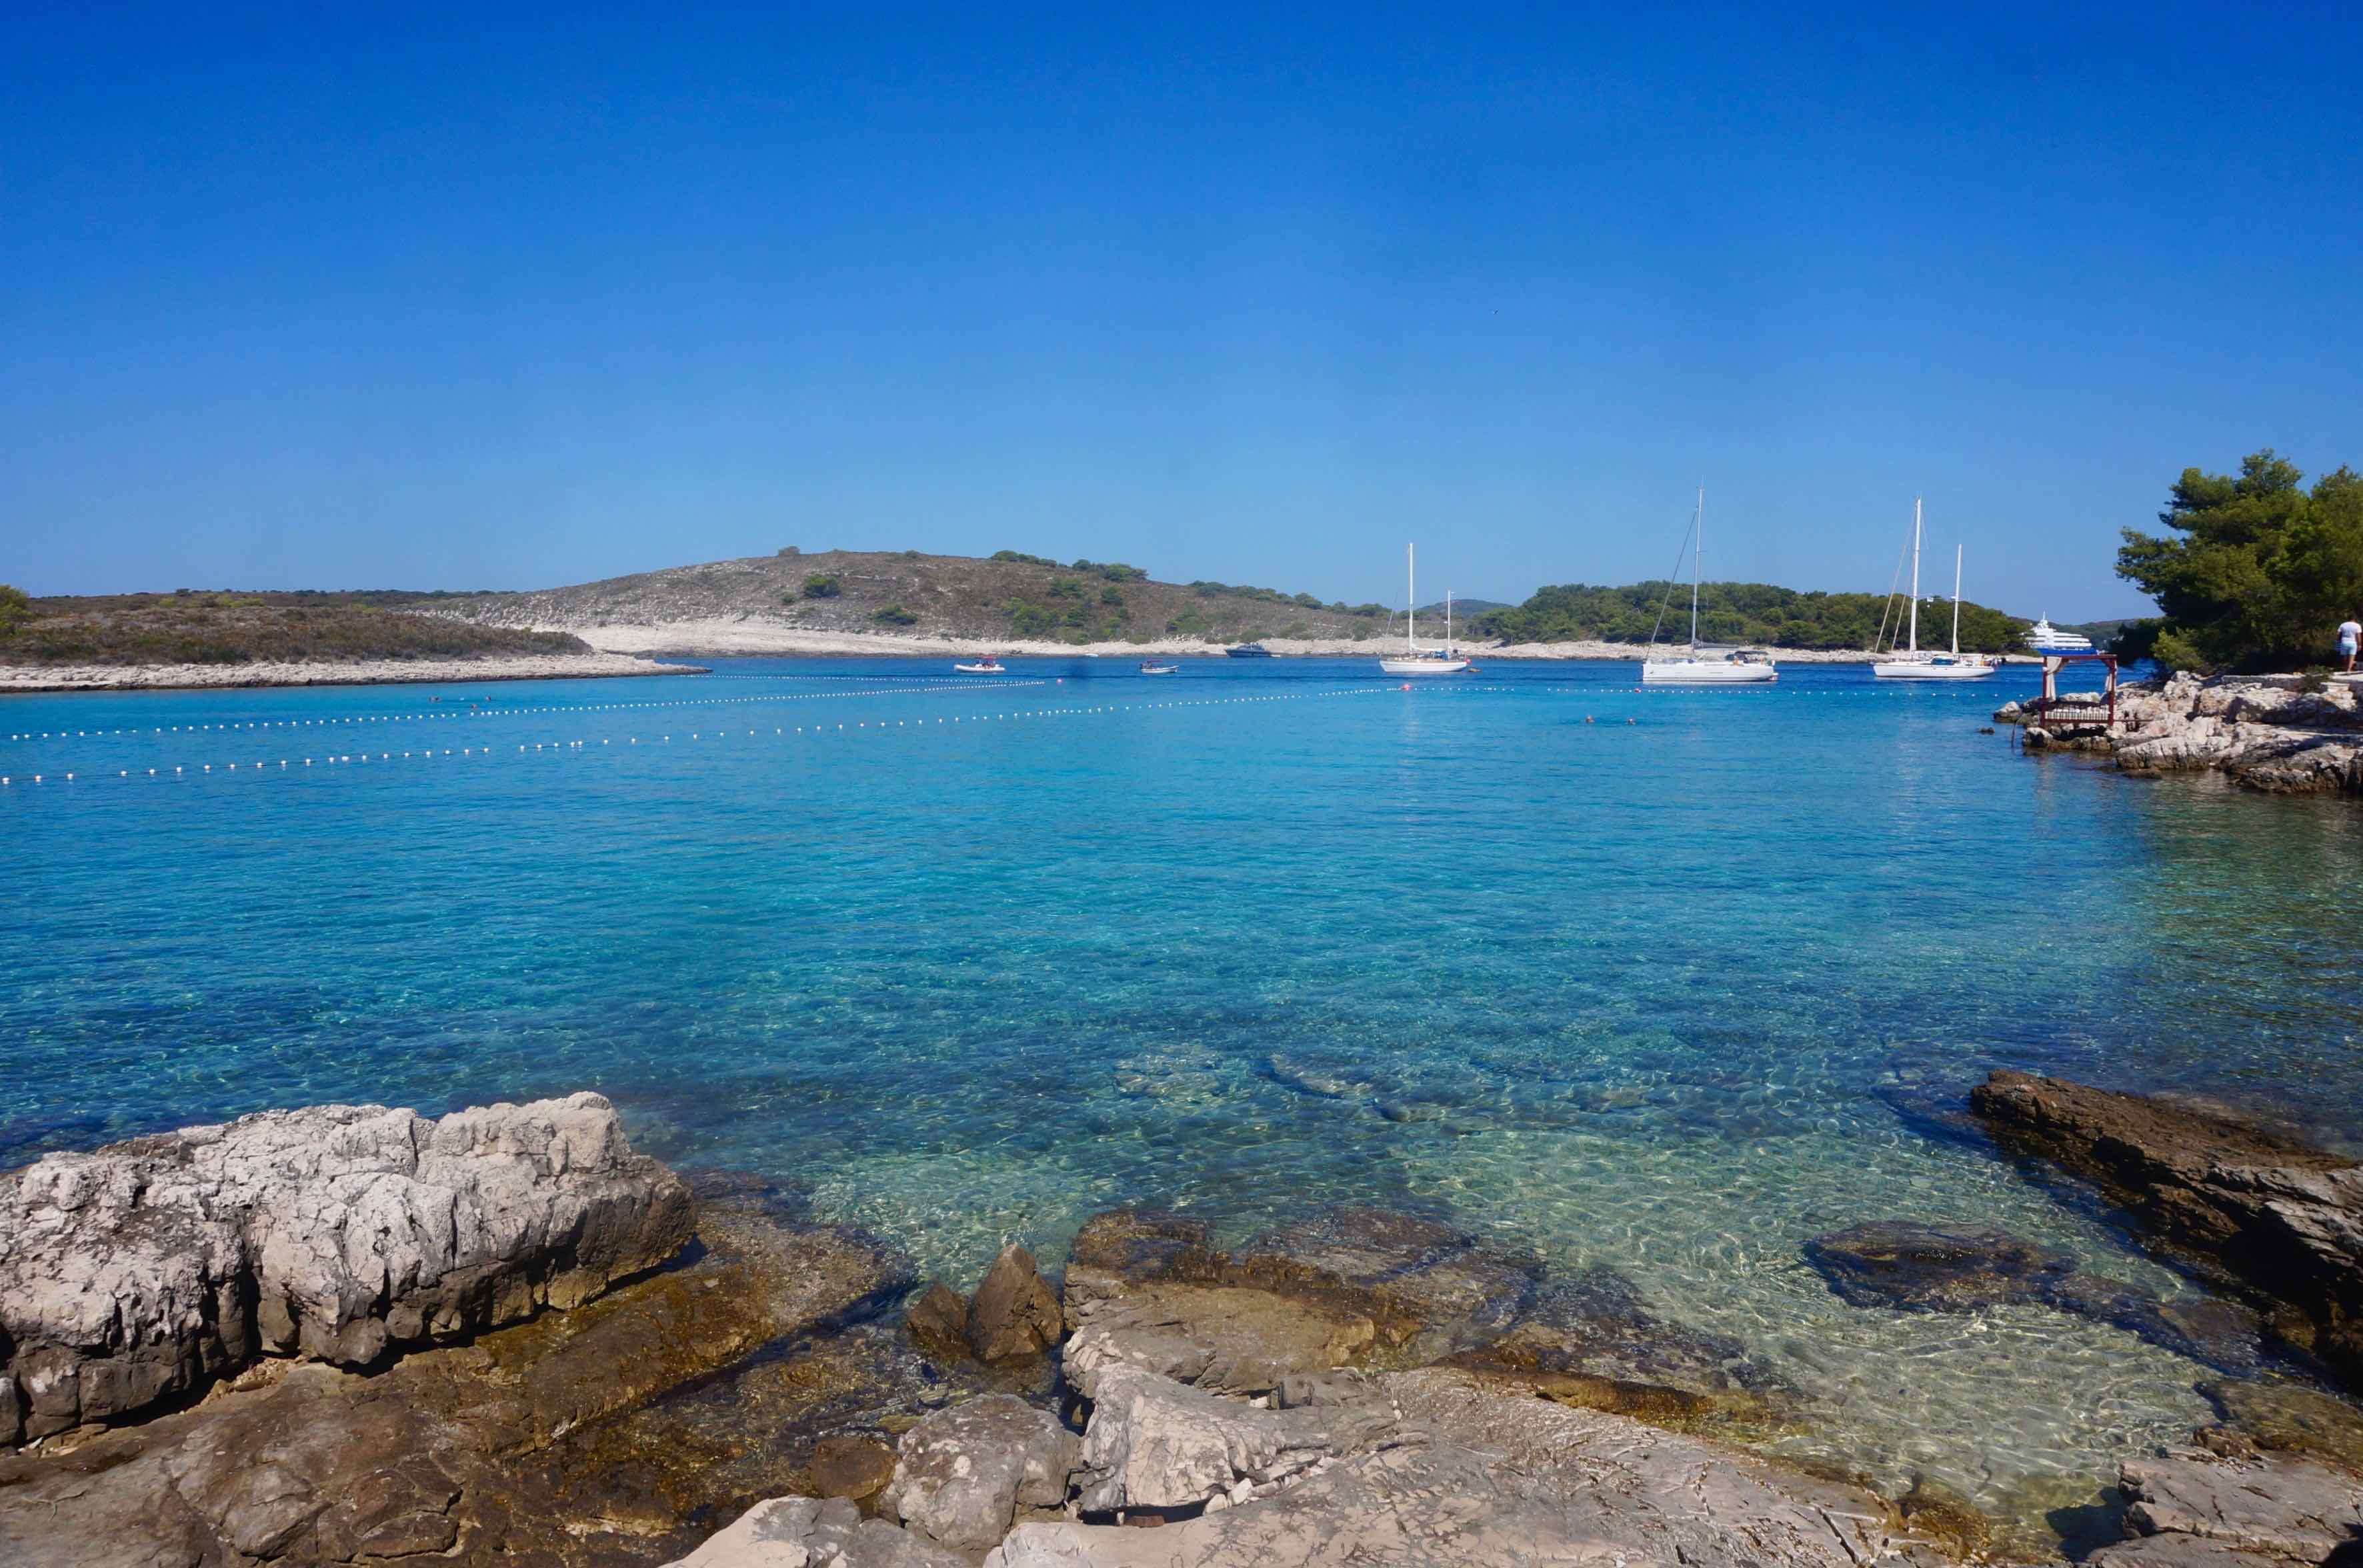 île de Hvar, plage de Mlini, croatie